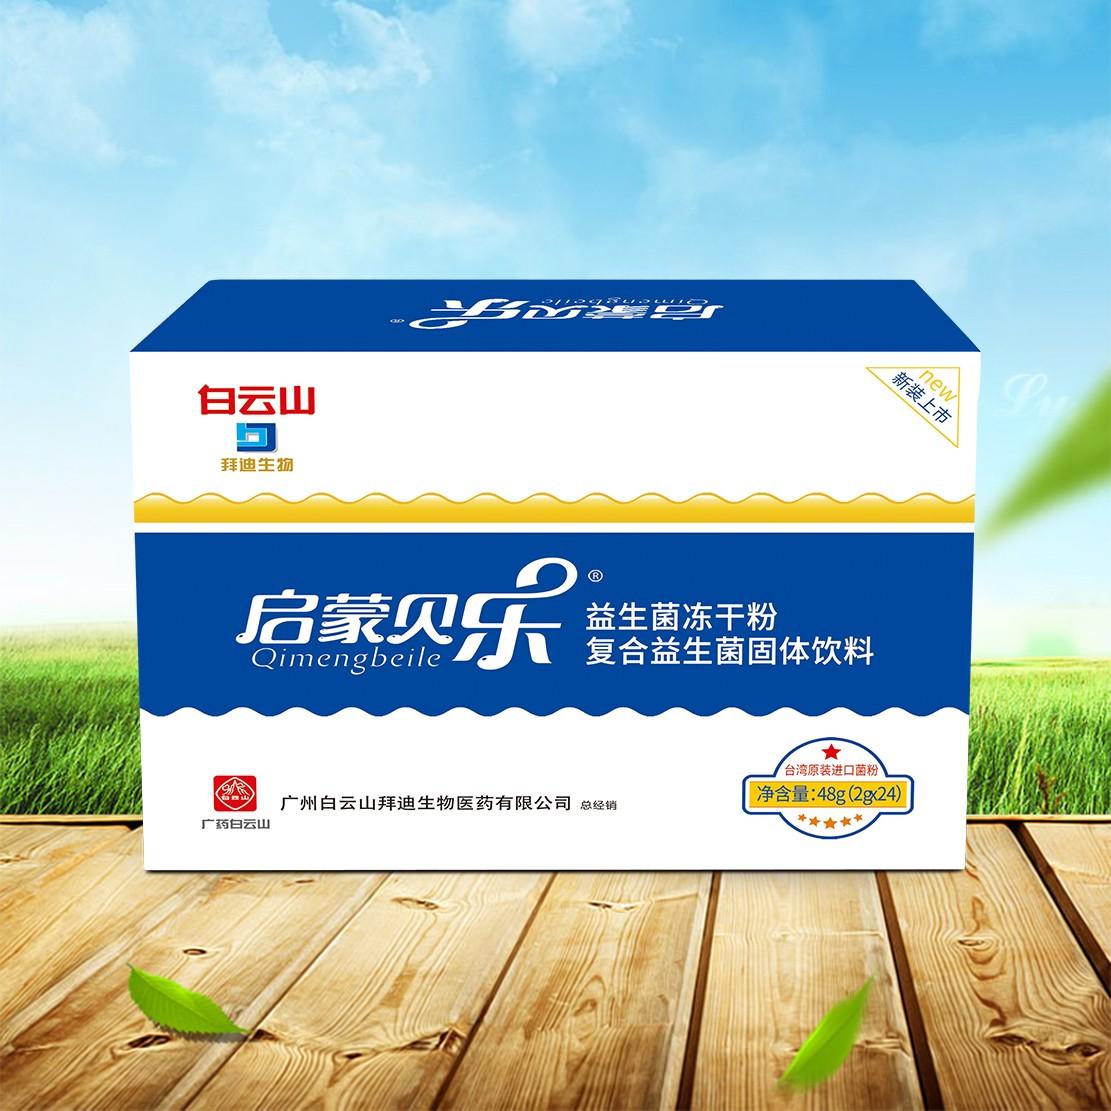 益生菌冻干粉24袋(包装升级)